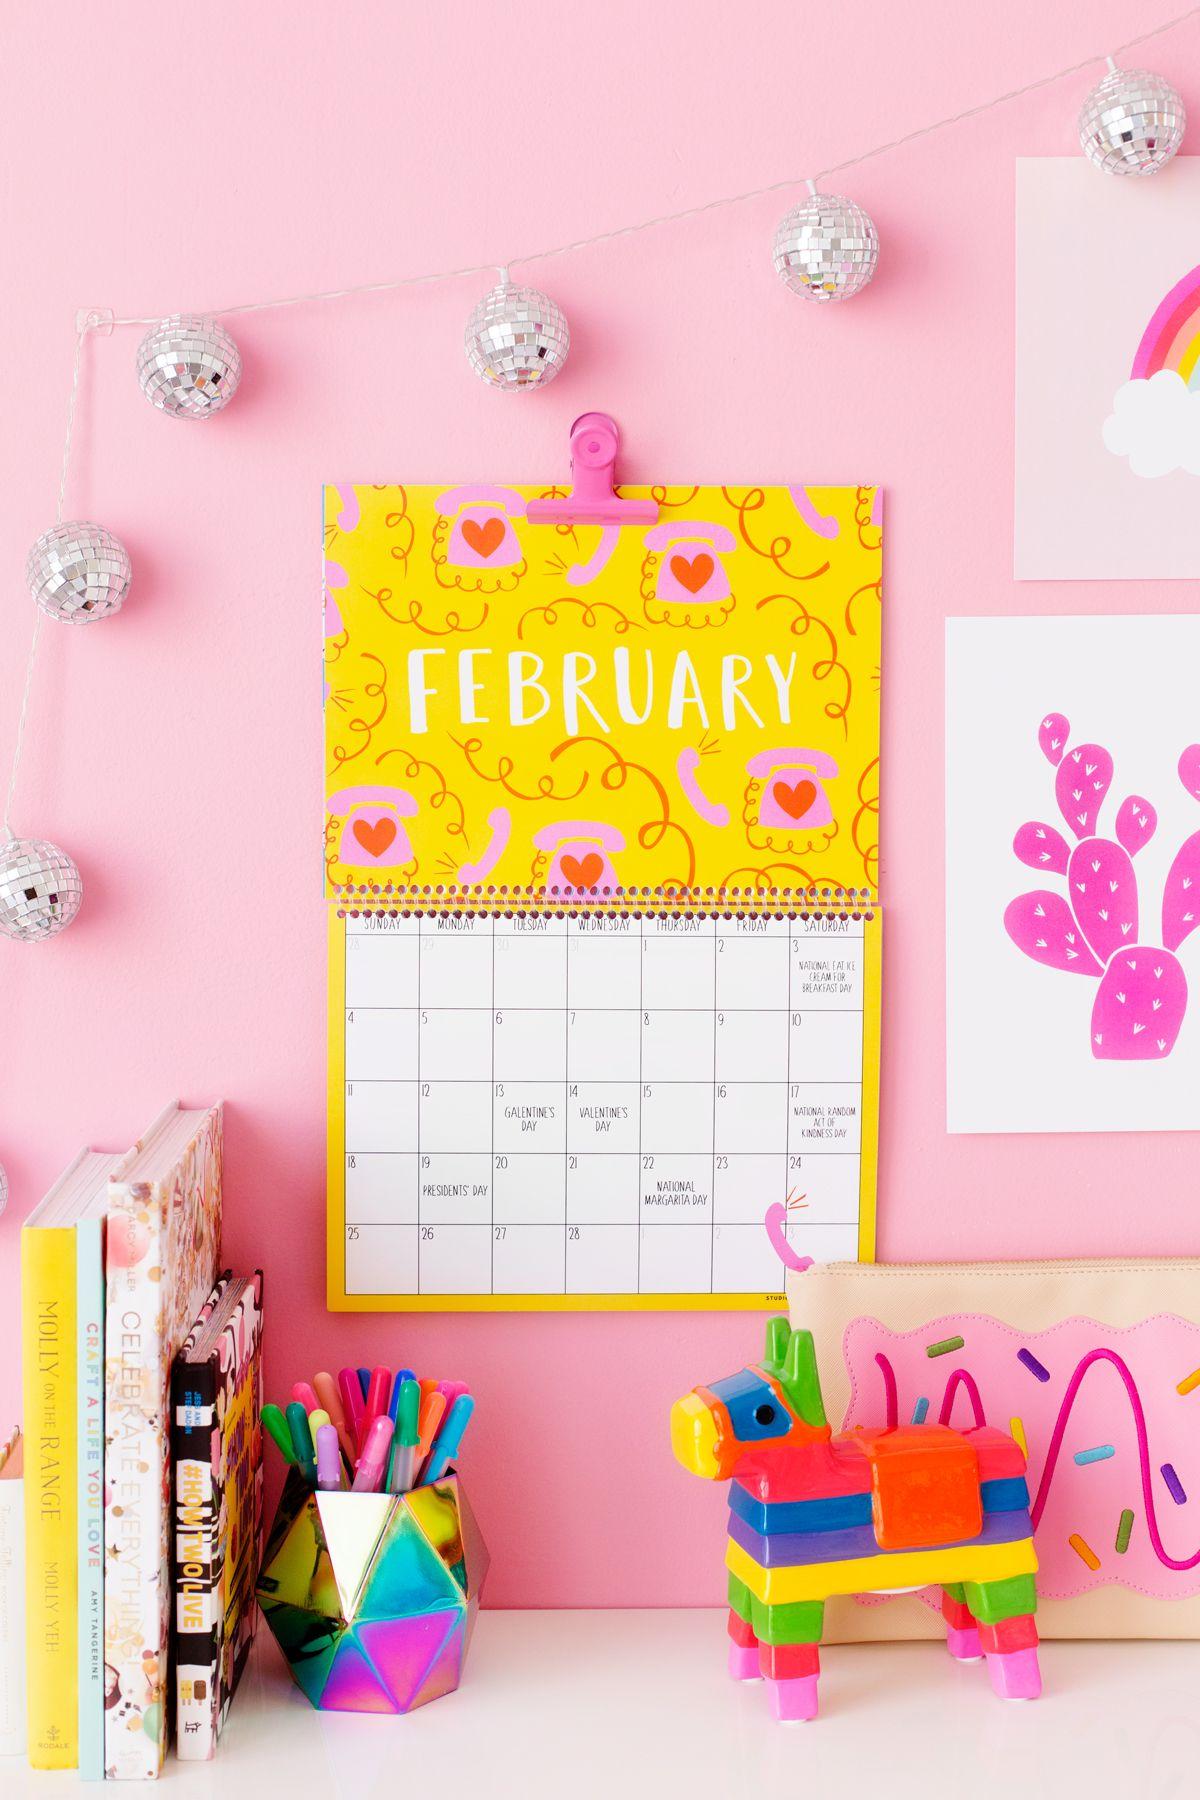 2018 Free Printable Wall Calendar | Free printable, Walls and Free